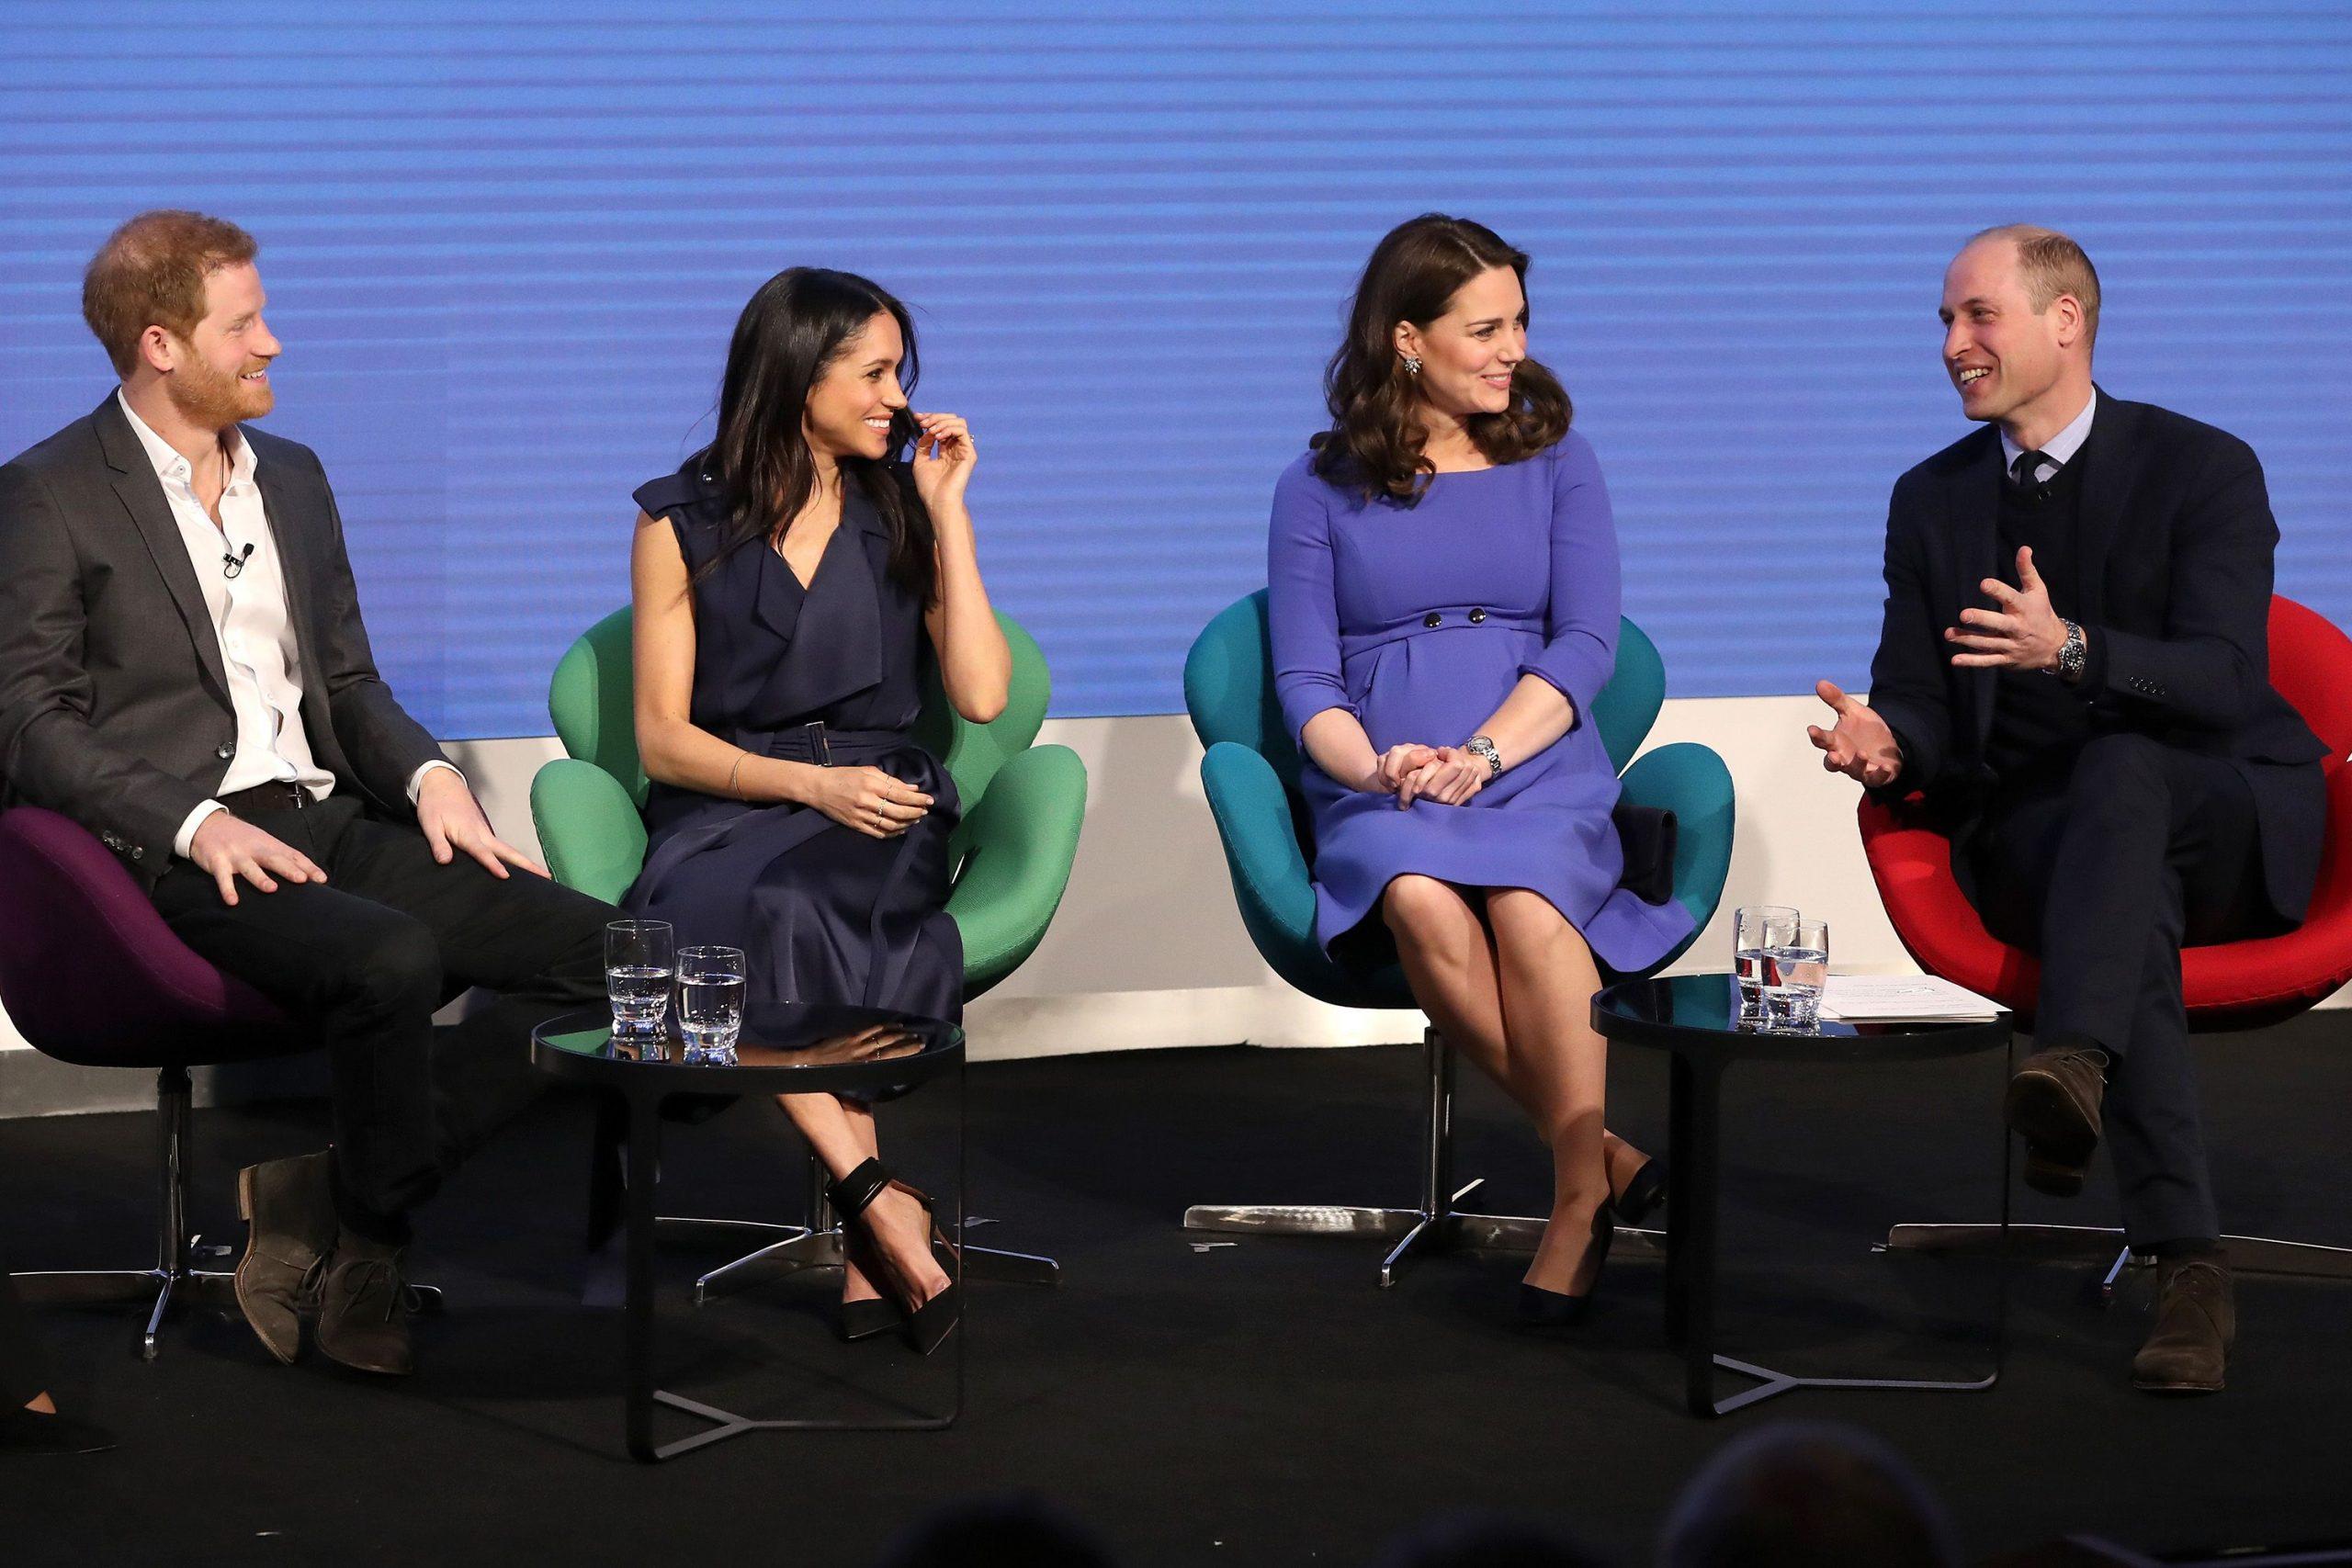 U bënë prindër për herë të dytë, Kate dhe William i bëjnë dhuratën e parë Meghan e Harry-t